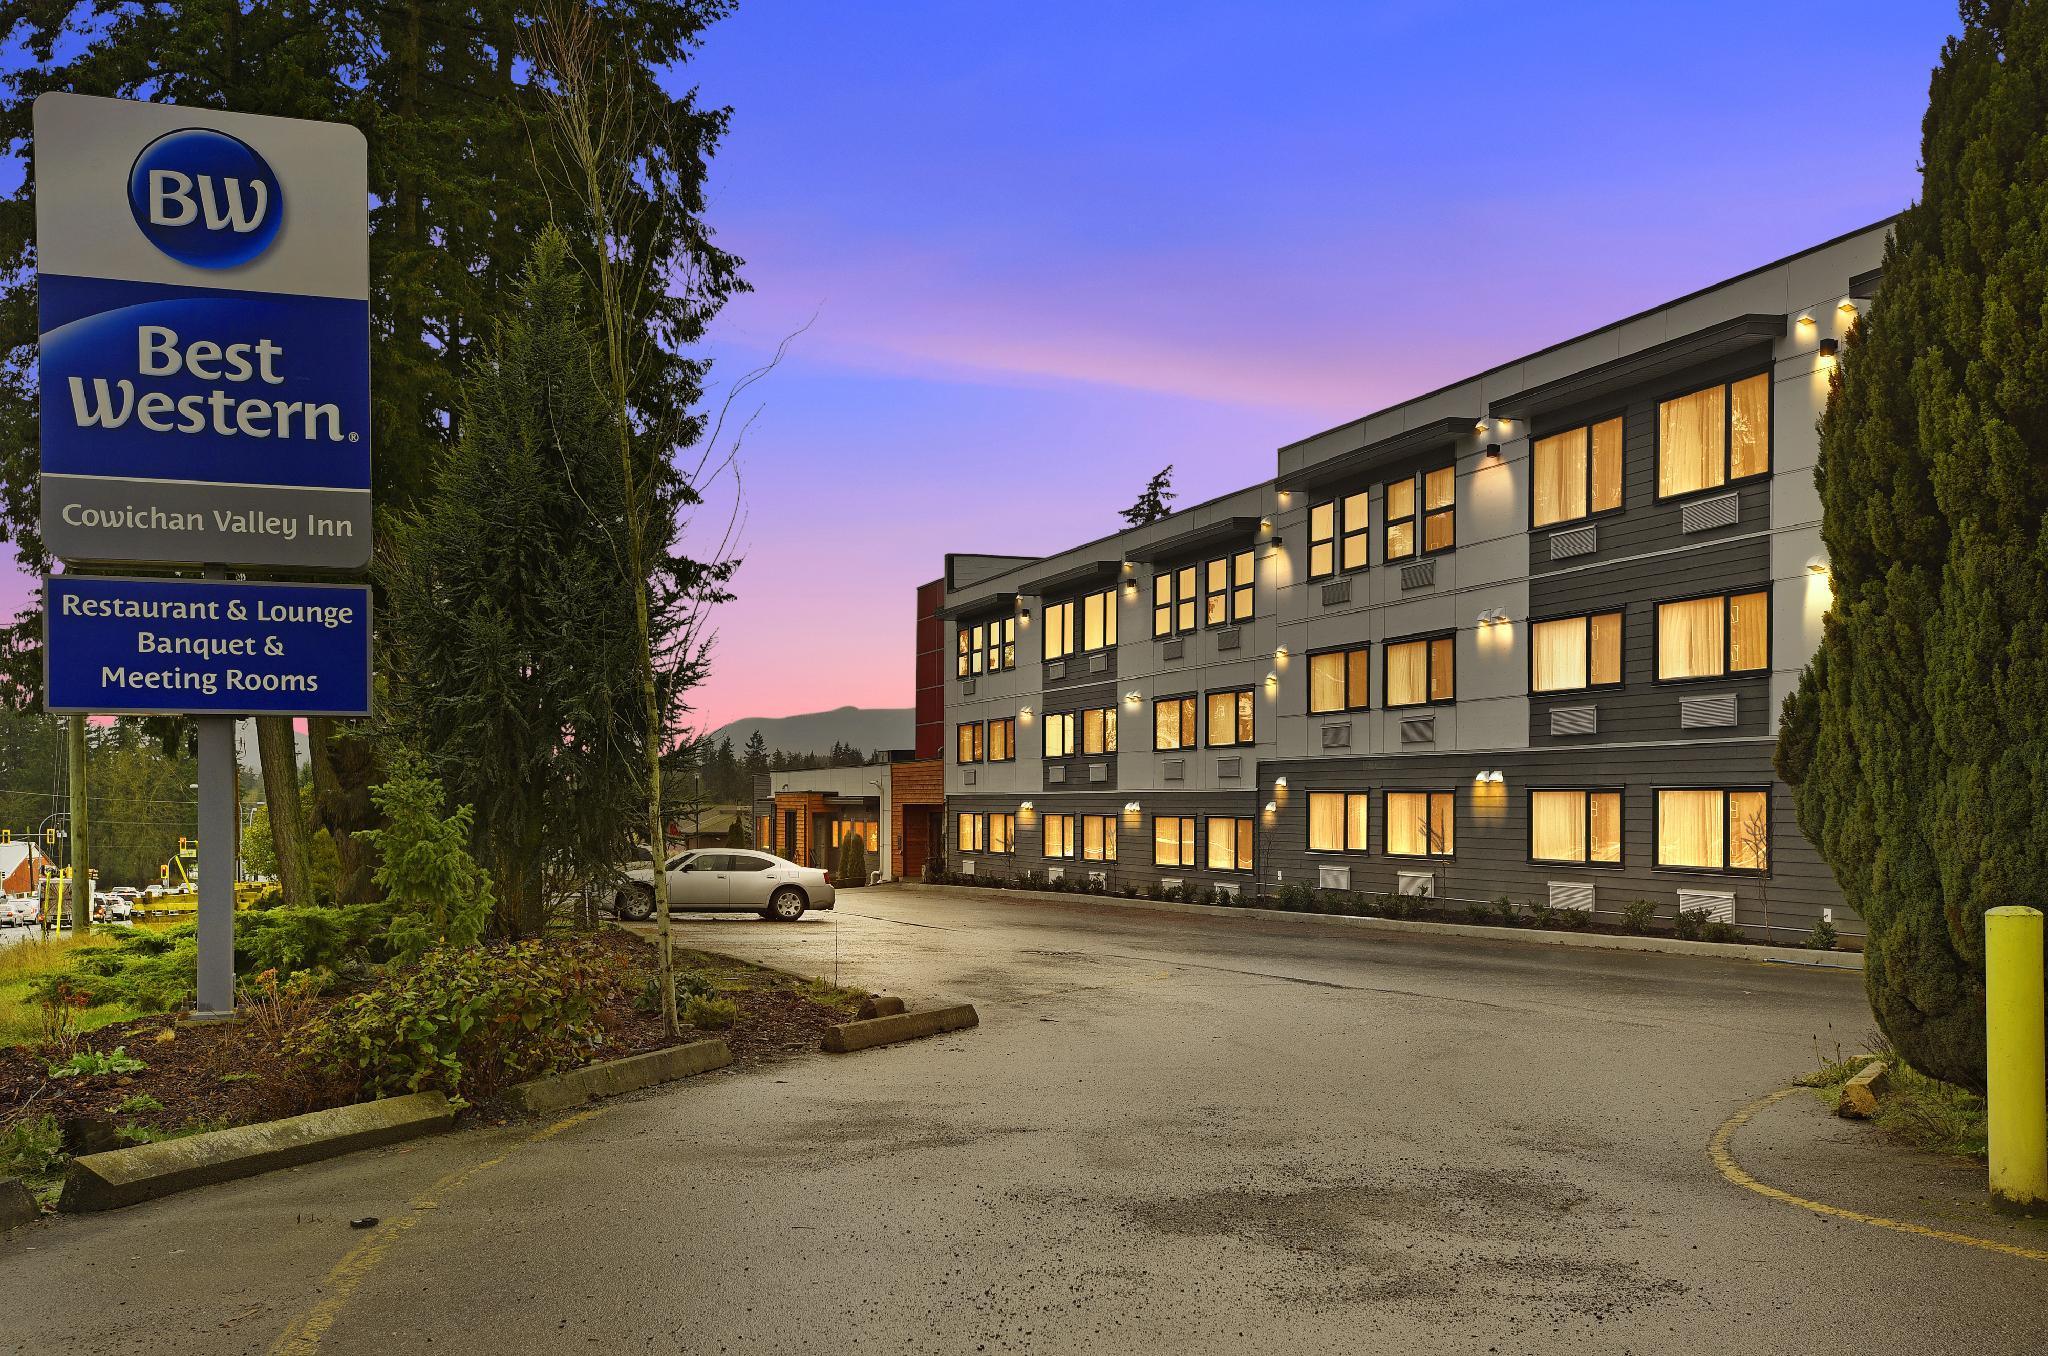 Best Western Cowichan Valley Inn